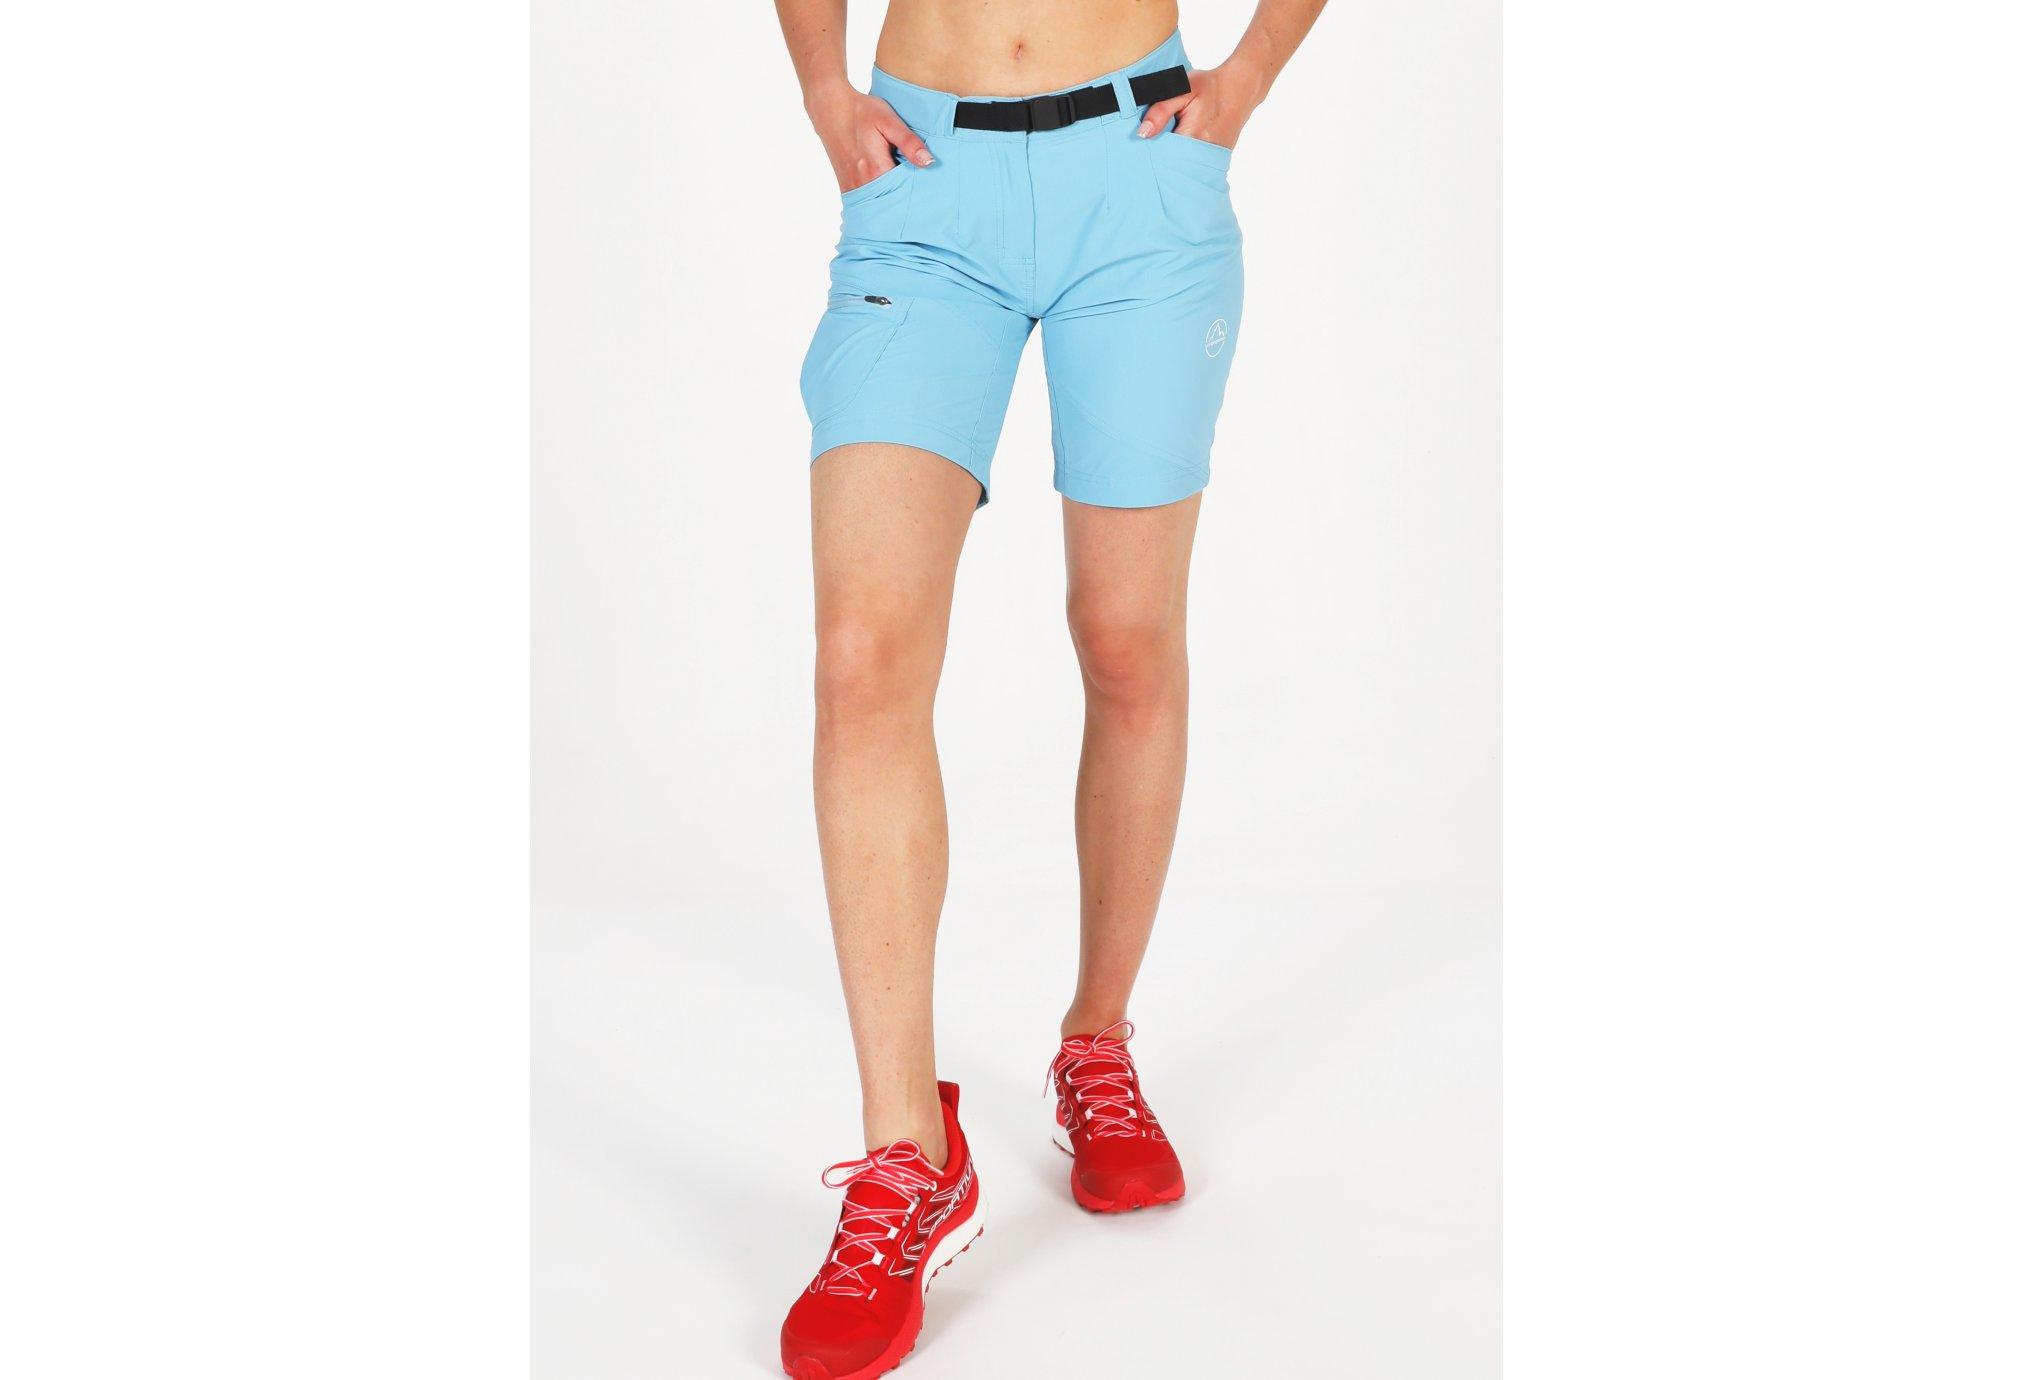 La Sportiva Spit W Diététique Vêtements femme